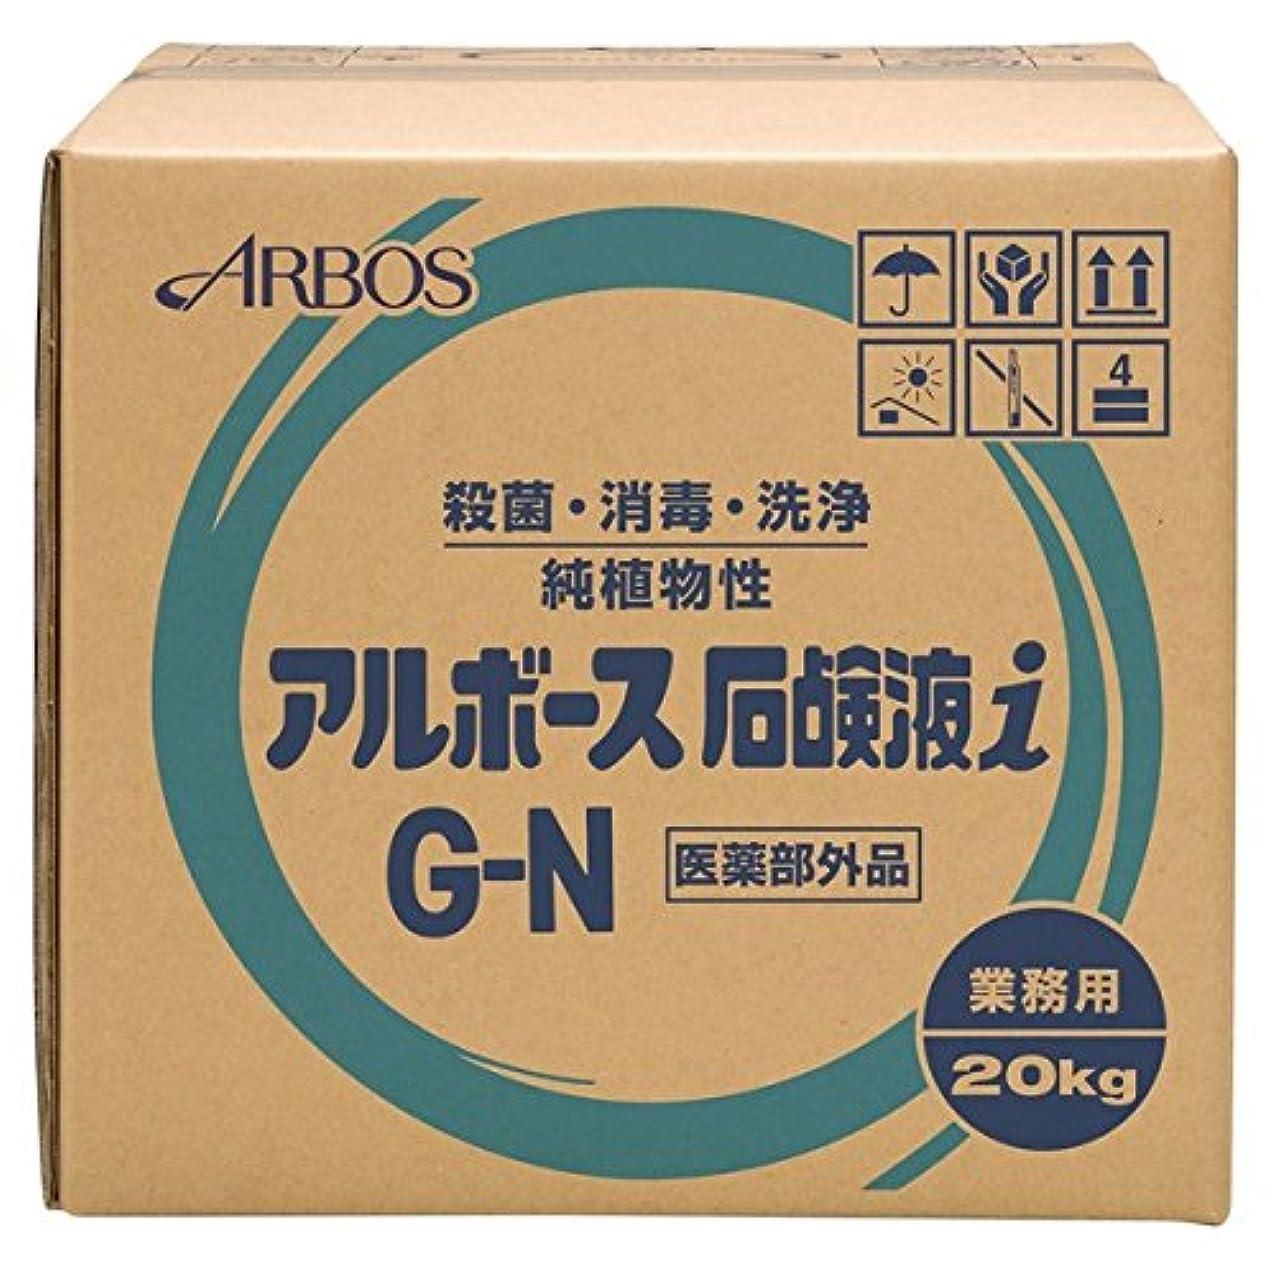 ナインへパイ空虚アルボース 薬用ハンドソープ アルボース石鹸液i G-N 濃縮タイプ 20kg